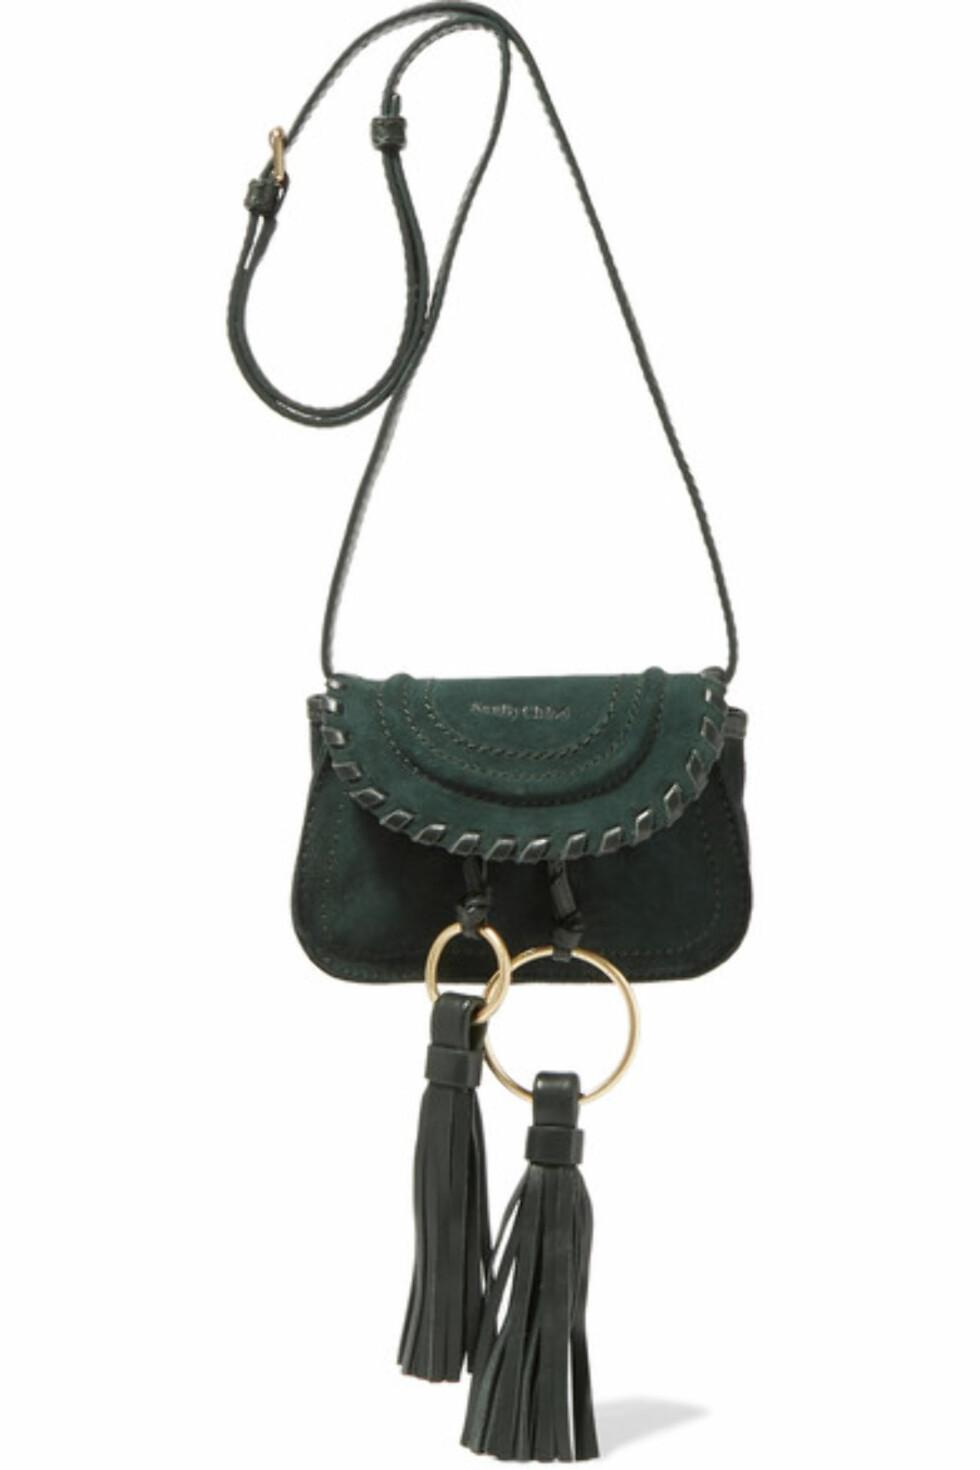 Veske fra See By Chloe via Net-a-porter.com | kr 2230 | https://www.net-a-porter.com/no/en/product/756764/see_by_chloe/polly-tasseled-suede-shoulder-bag